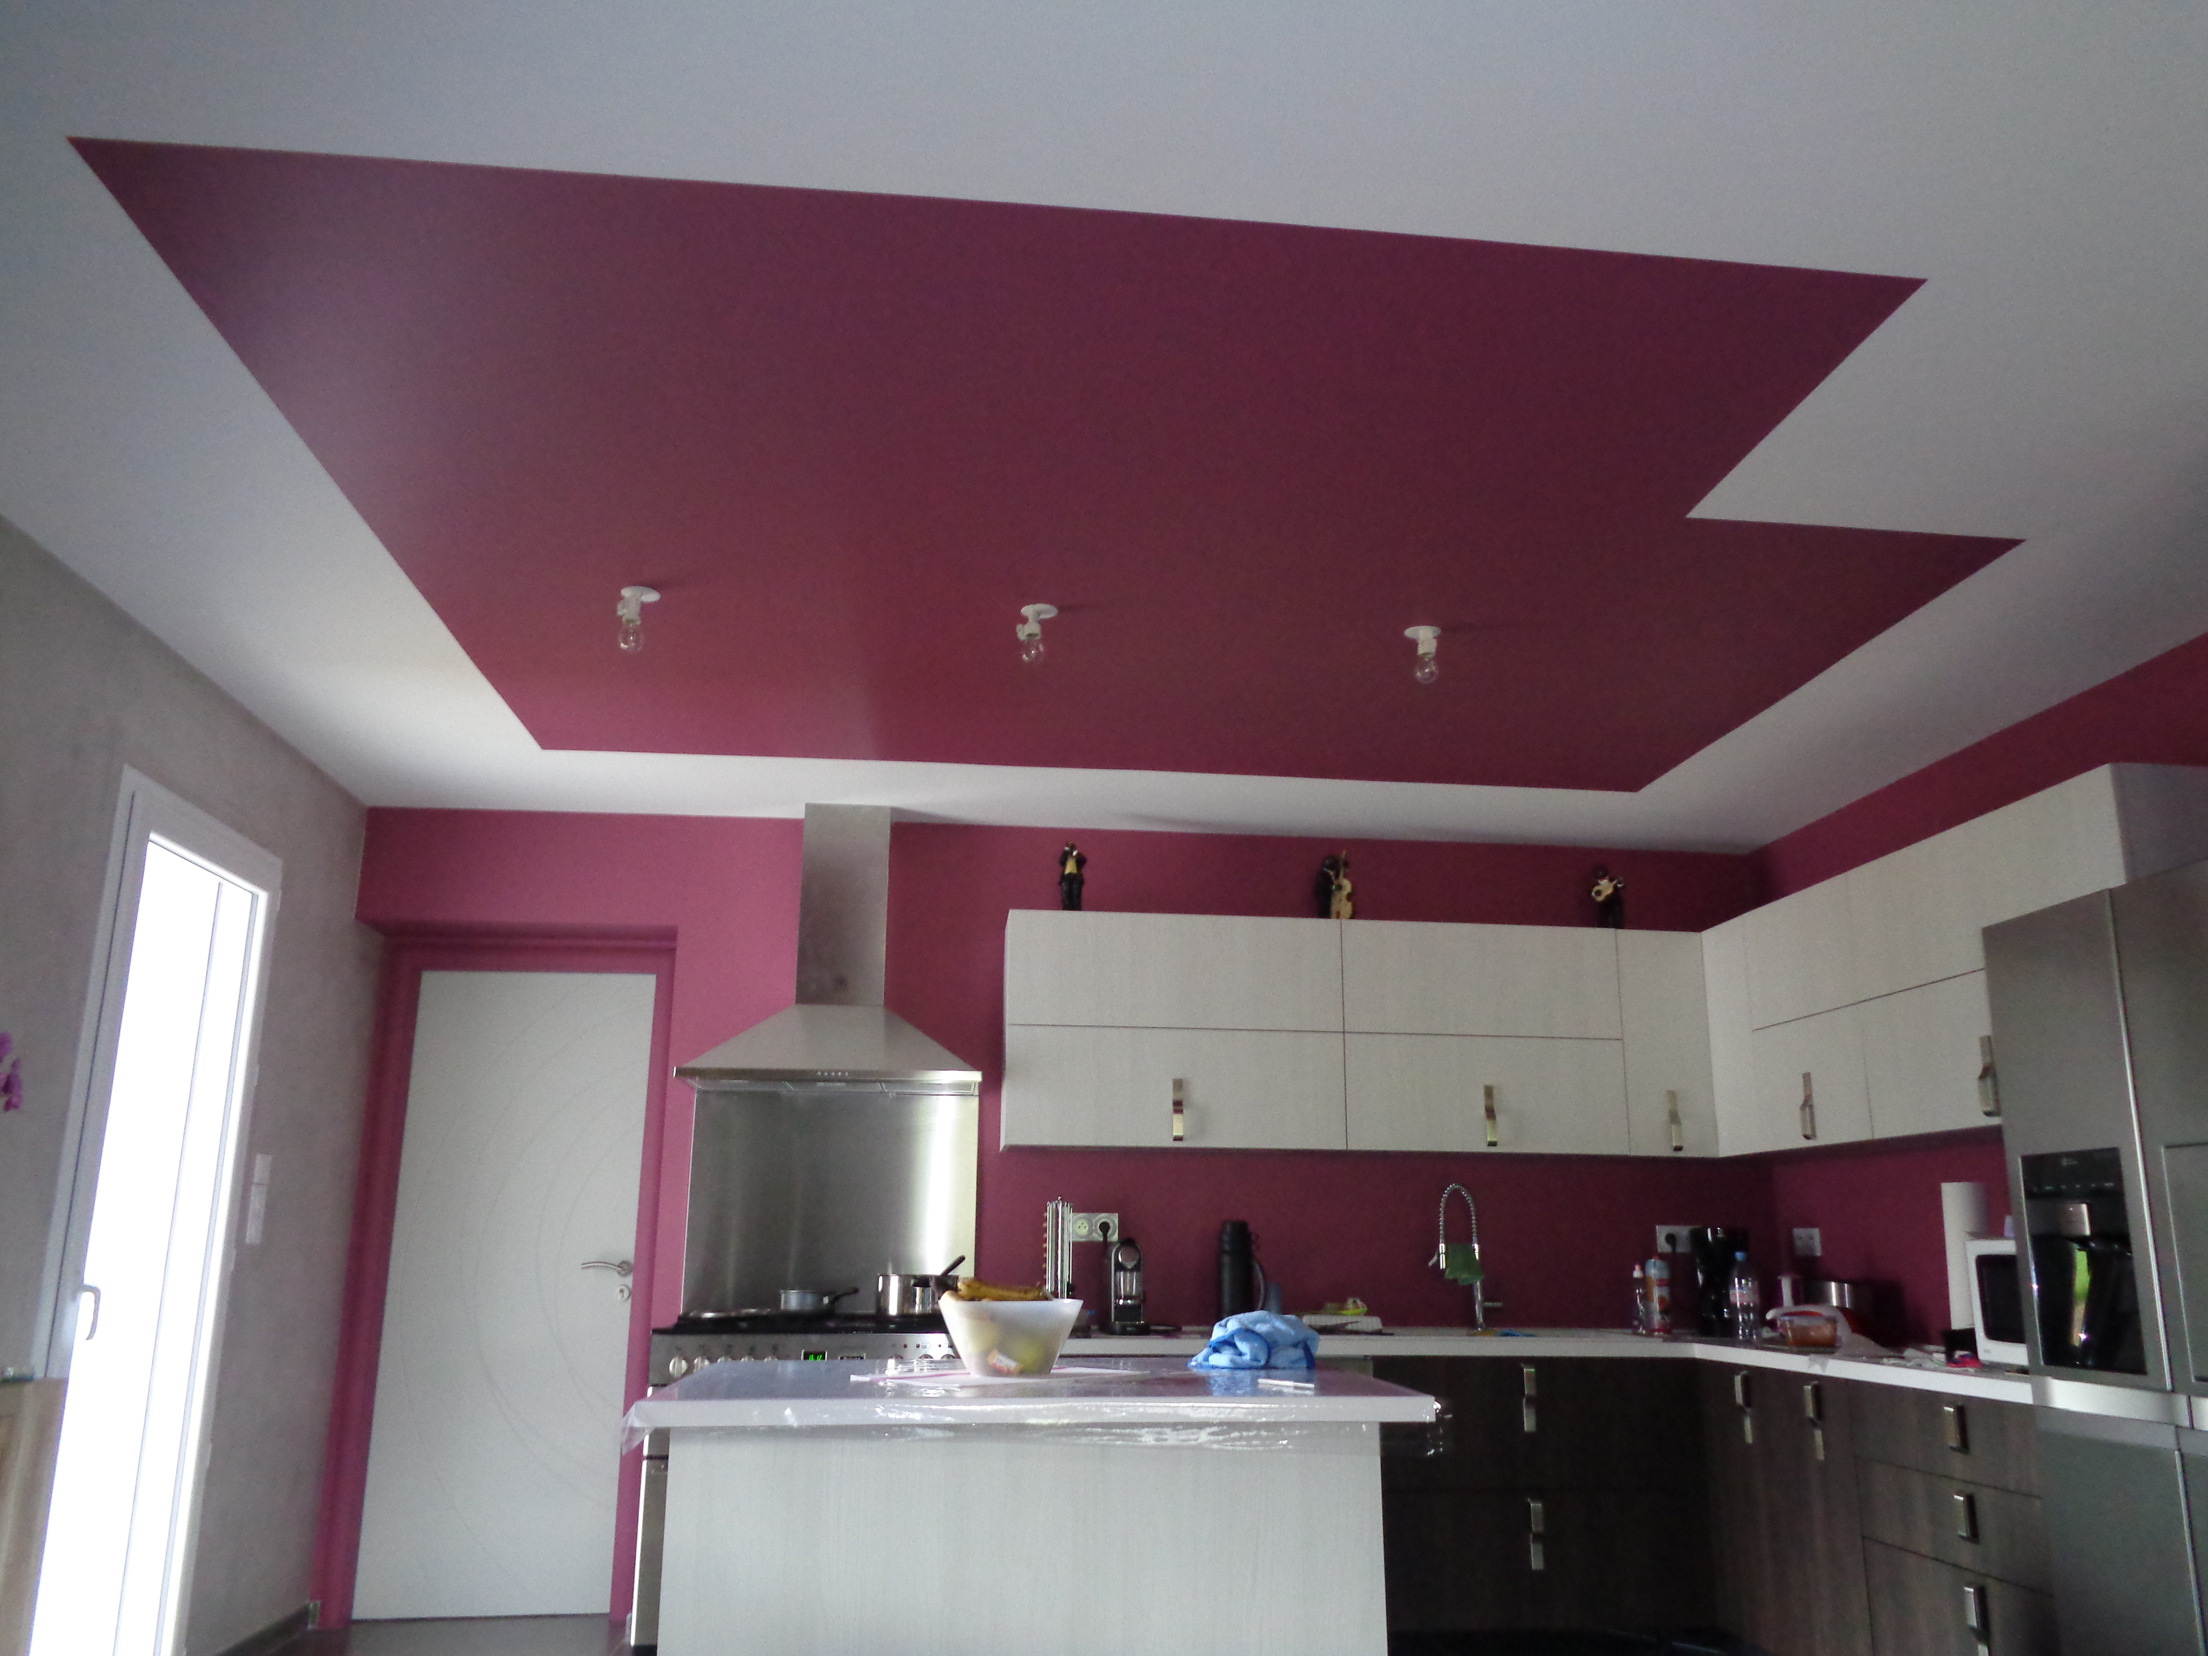 Osez un plafond en couleur le blog de l 39 entreprise de peinture et d coration transparence for Quelle couleur dans une cuisine